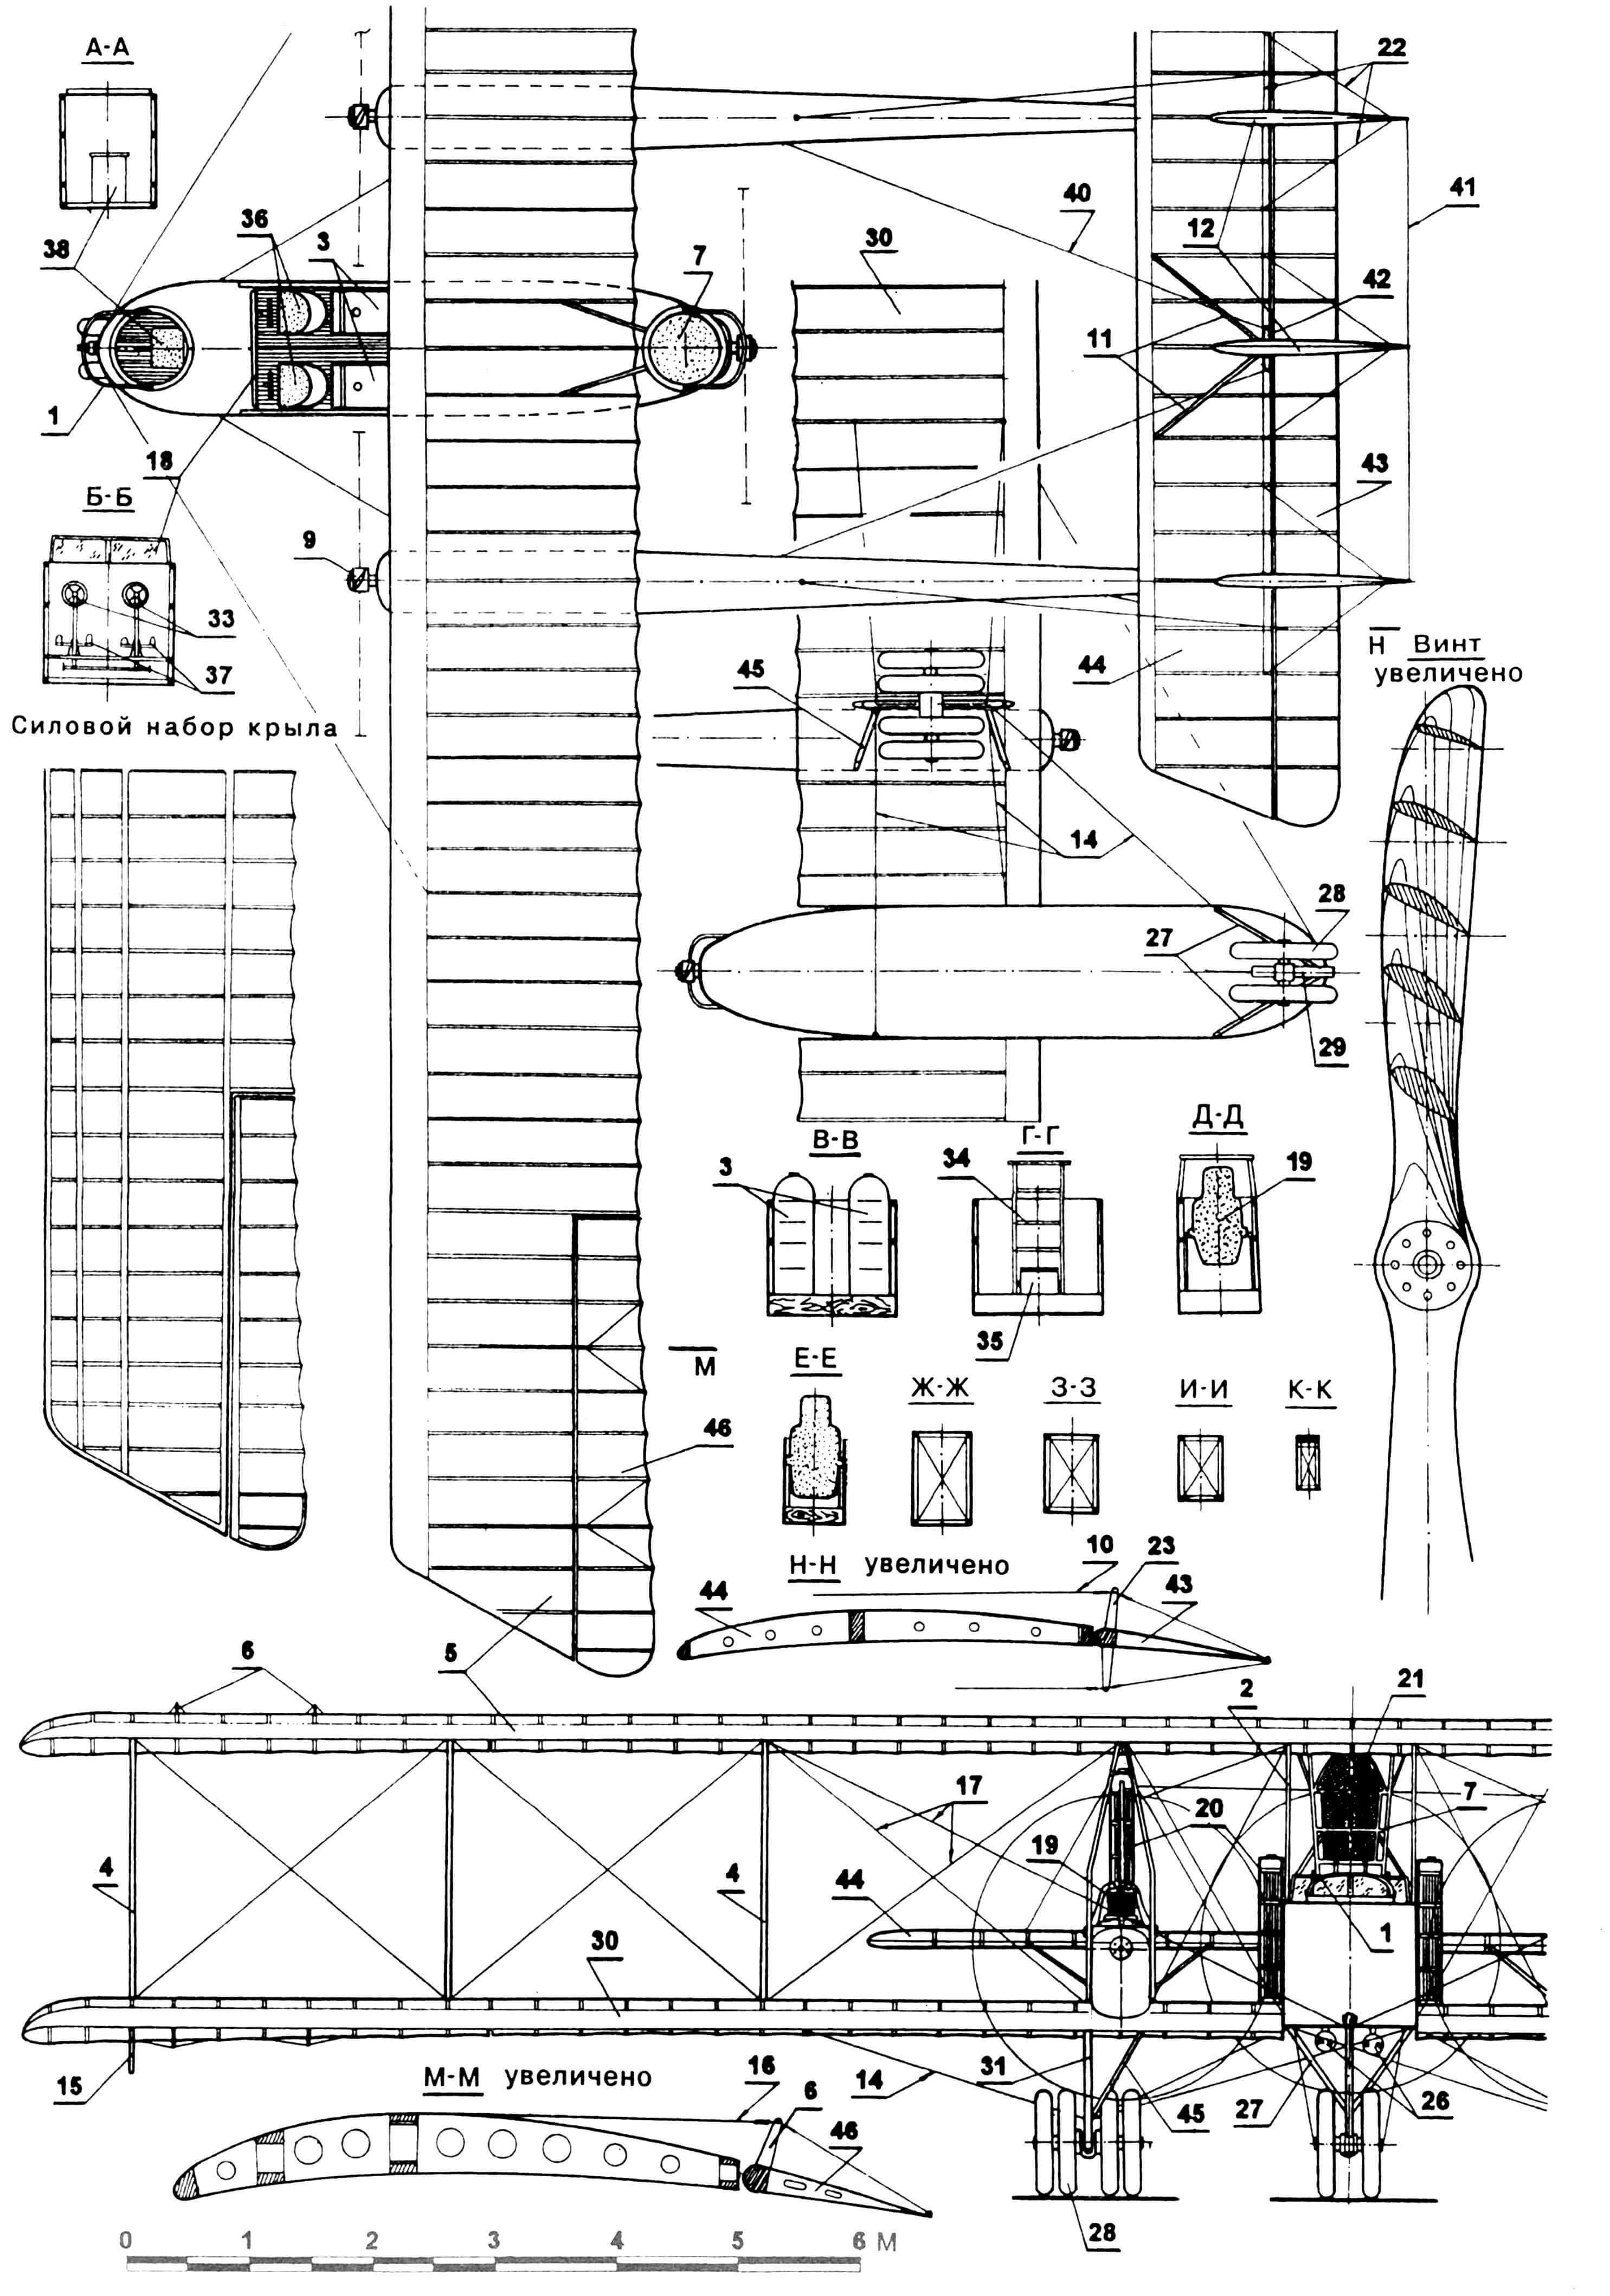 Caproni Ca.33: 1 — турель, 2 — подкосы крыла носовые, 3 — баки топливные, 4 — стойки крыла, 5 — крыло верхнее, 6— качалка элерона, 7 — установка пулеметная, 8 — ограничитель наклона пулемета, 9 — винт воздушный Caproni, 10 — тяги управления рулем высоты, 11 — подкосы руля поворота, 12— рули поворота, 13 — костыль хвостовой, 14 — расчалки стоек шасси, 15 — костыли крыльевые, 16 — тяги управления элеронами, 17 — расчалки крыла, 18 — стекло ветровое, 19 — двигатели Isotta Fraschini, 20 — радиаторы, 21 — сетка, 22 — расчалки рулей поворота, 23 — качалка руля высоты, 24 — бомбодержатель, 25 — торпеда, 26 — фара посадочная, 27 — стойка переднего шасси, 28 — колесо, 29 — подкос переднего шасси, 30 — крыло нижнее, 31 — стойка основного шасси, 32 — двигатель «Гном», 33 — штурвалы управления, 34— лестница к пулеметной установке, 35 — сиденье кормового стрелка-механика, 36 — сиденья летчиков, 37— педали управления рулем поворота, 38— сиденье стрелка-бомбардира складное, 39— двигатель Fiat А. 12 bis, 40 — тяга управления рулем поворота, 41 — тяга синхронизирующая, 42 — качалка руля поворота, 43 — руль высоты, 44 — стабилизатор, 45 — подкос основного шасси, 46 — элерон.